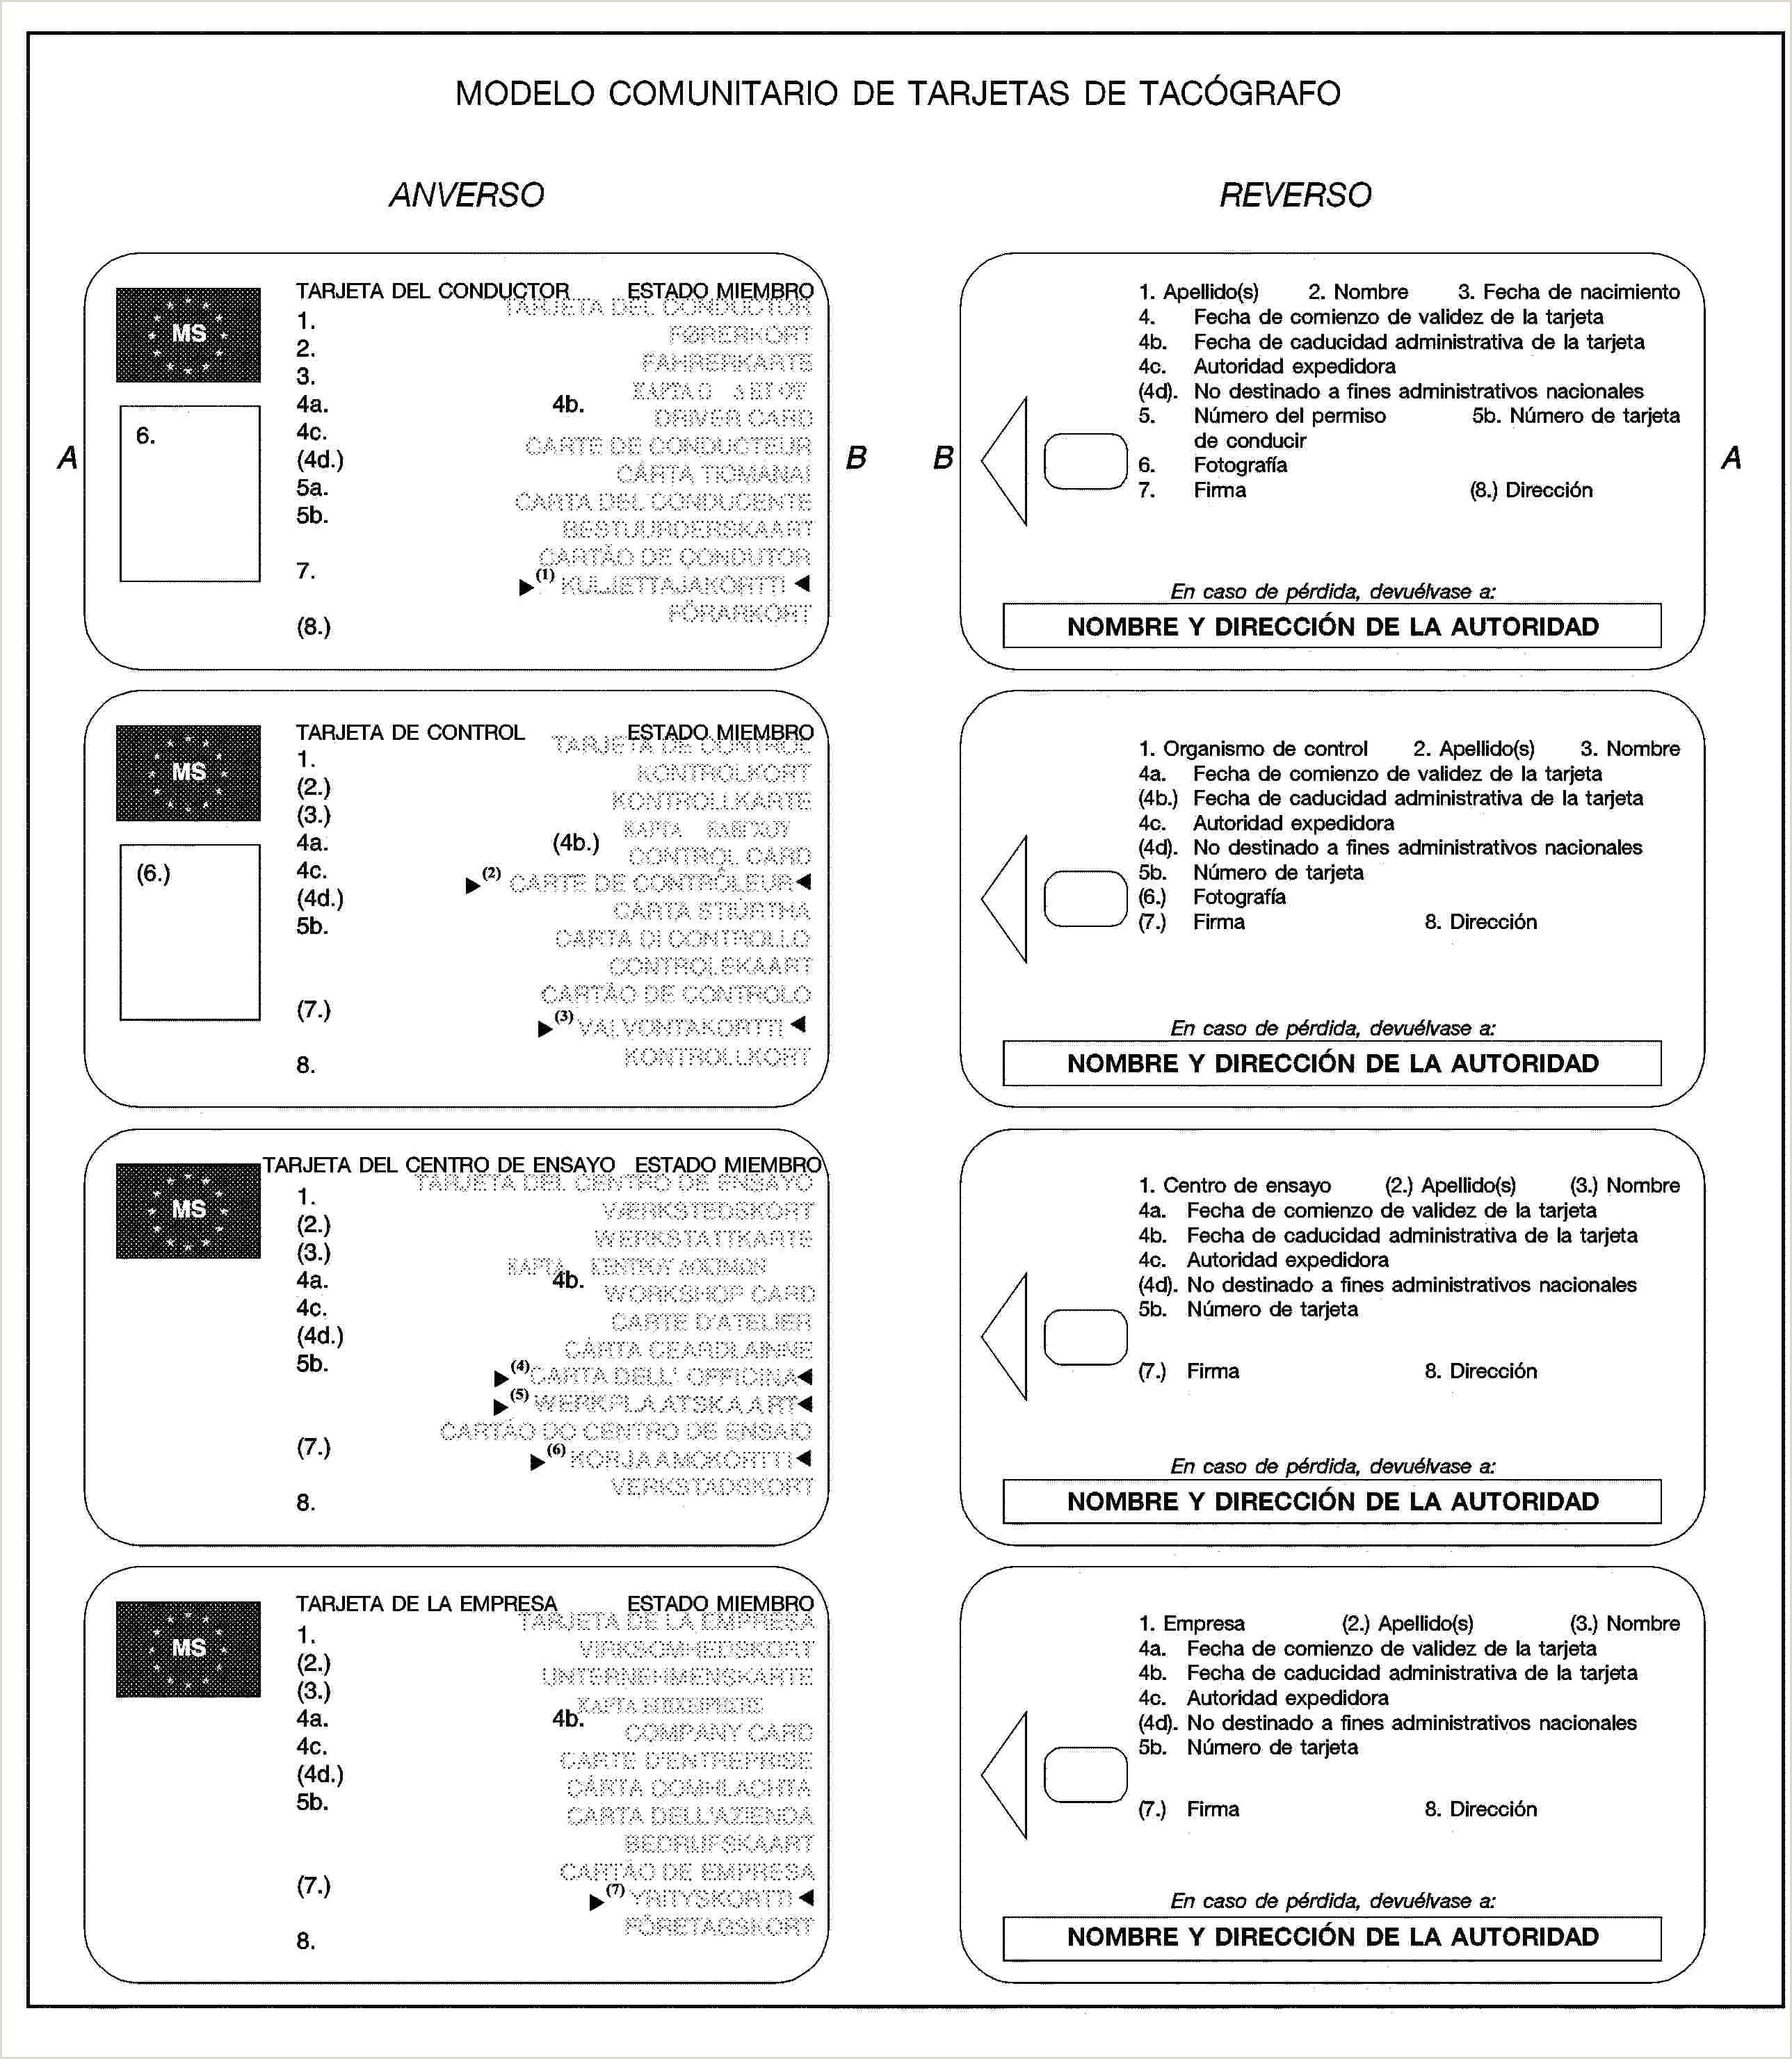 Formato De Como Hacer Una Hoja De Vida Texto Consolidado R3821 — Es — 01 10 2012